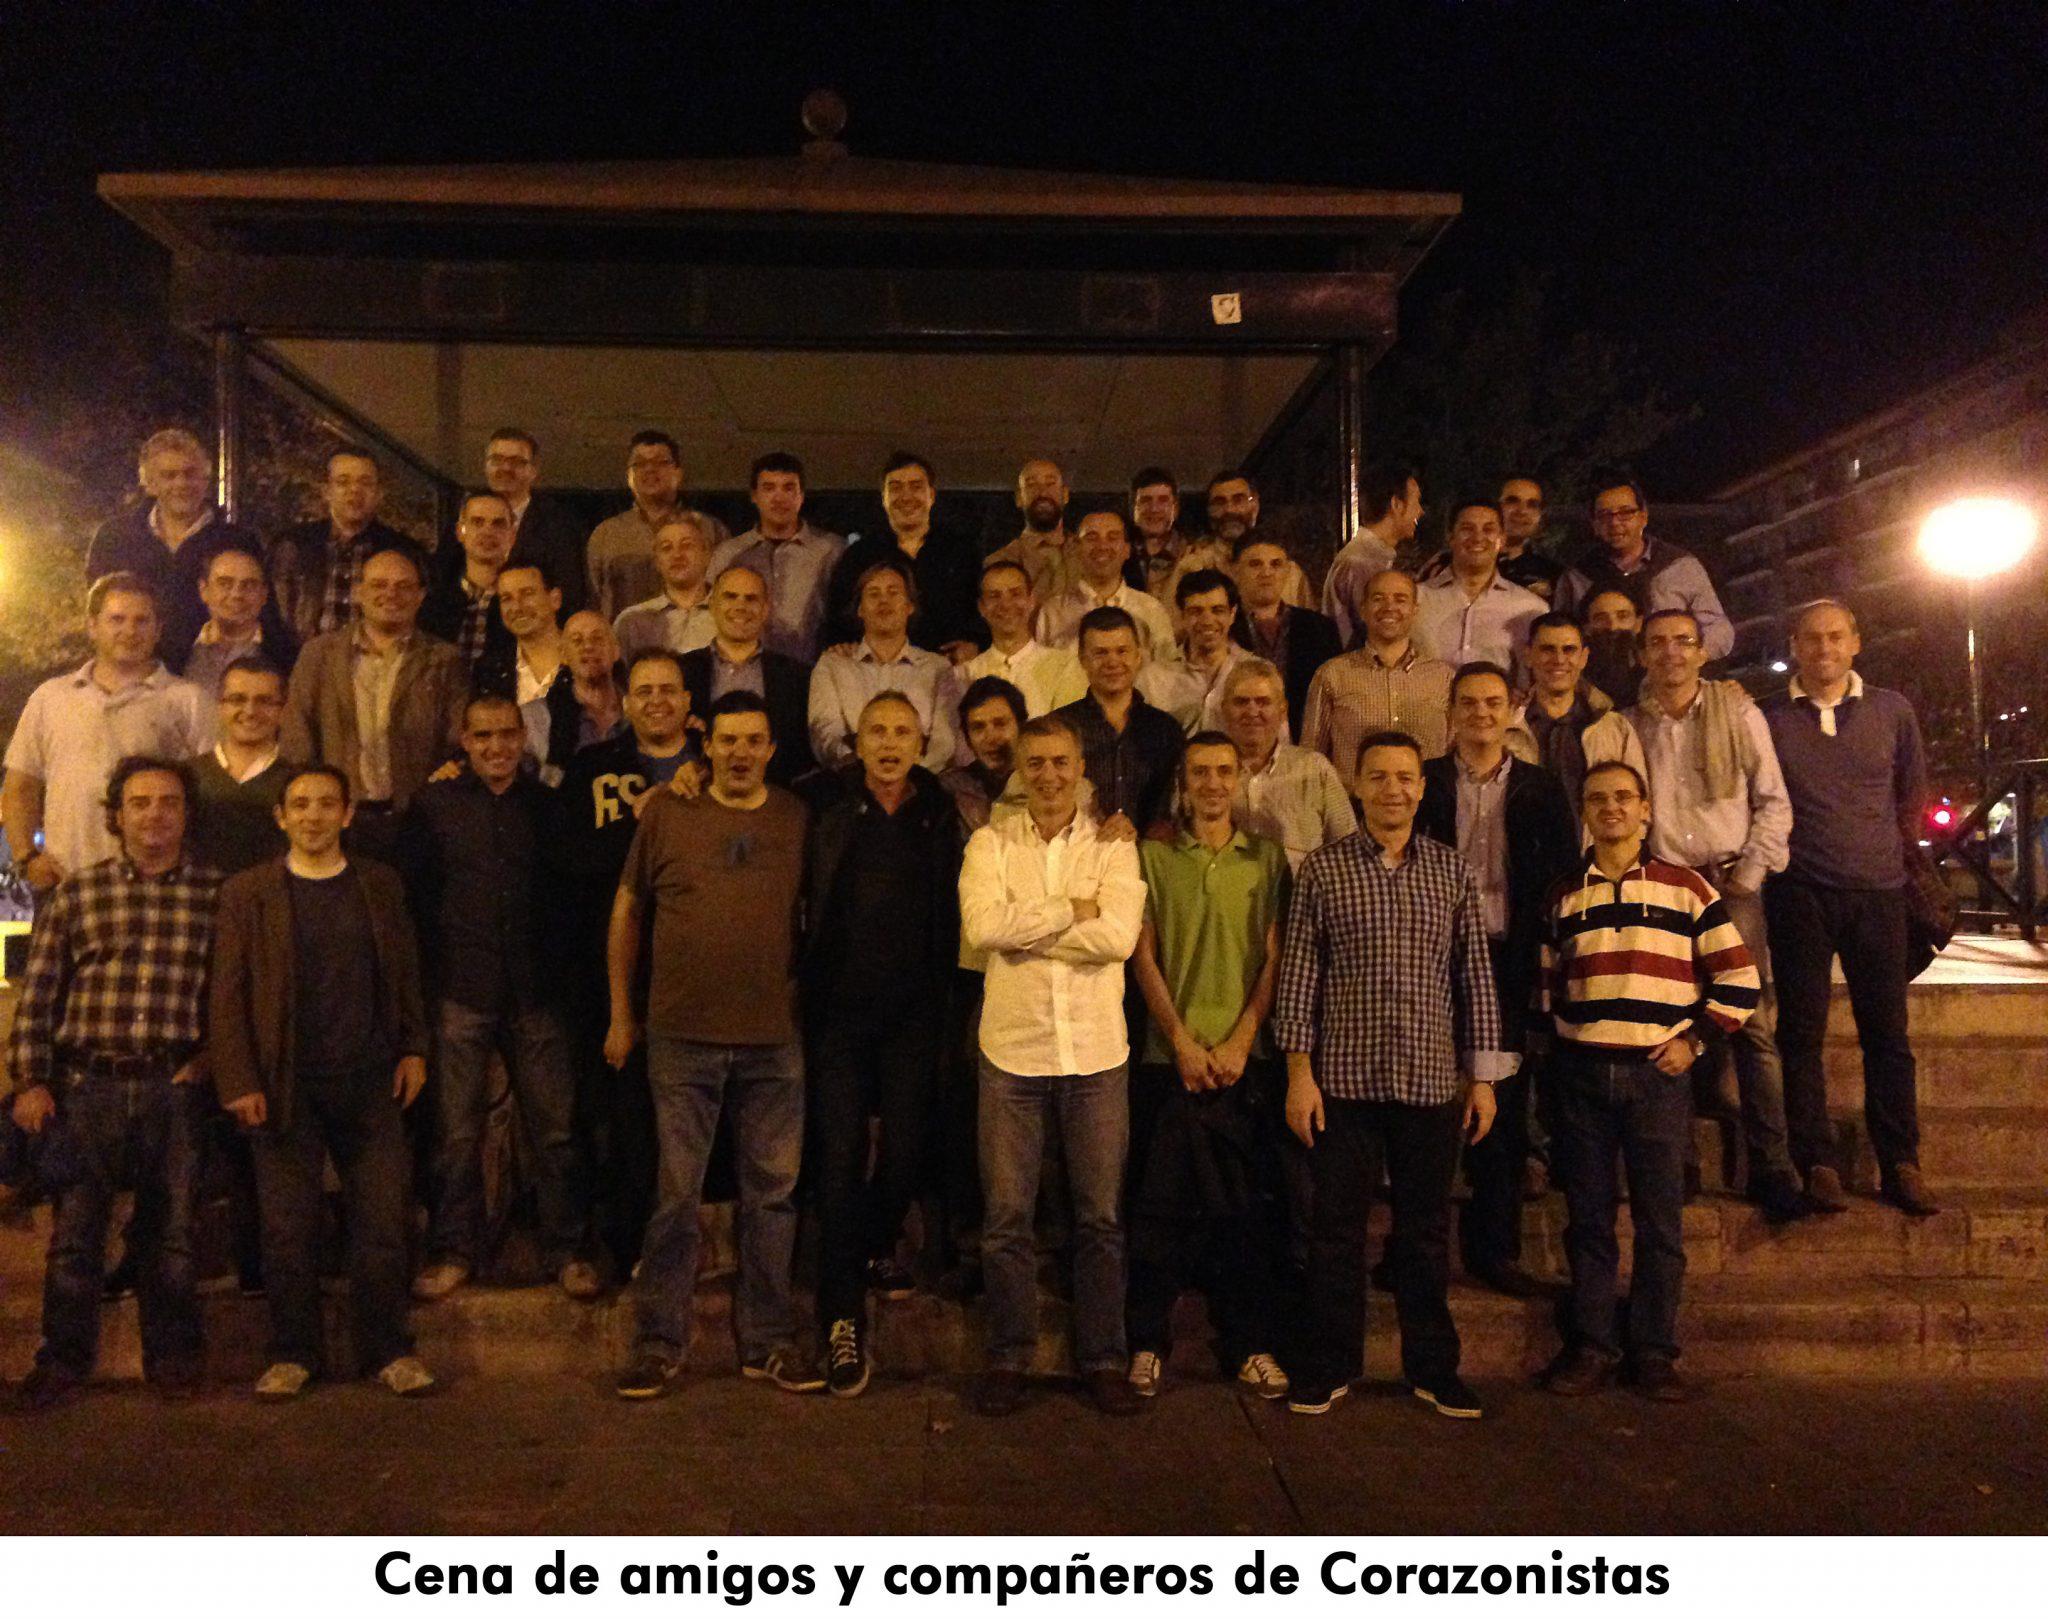 09. Cena de amigos de Corazonistas